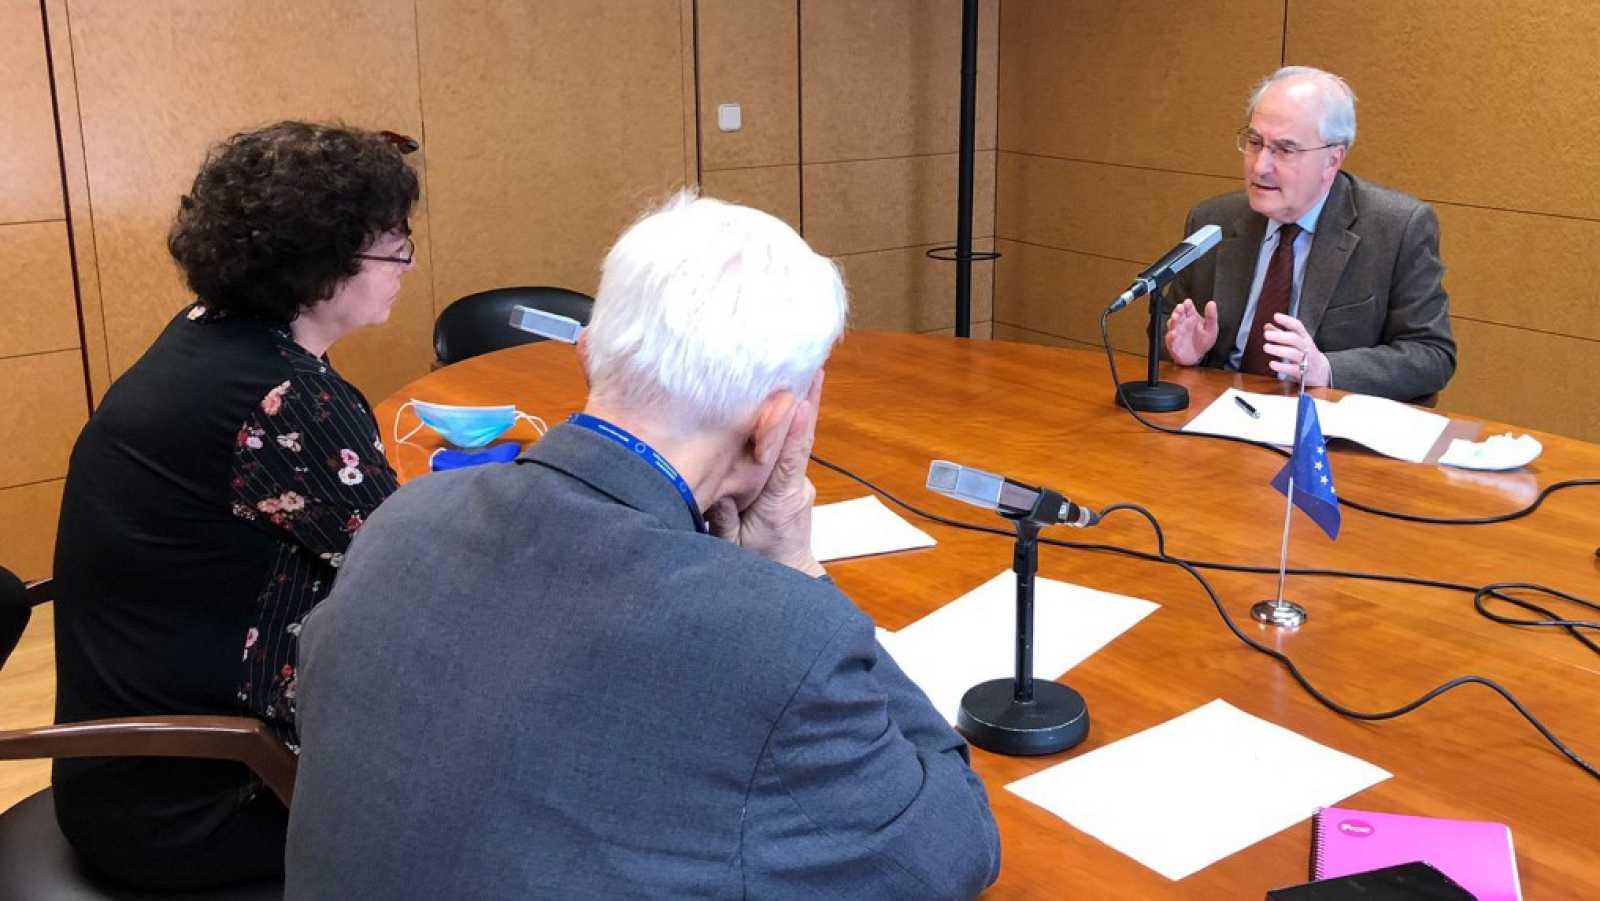 """Europa abierta - Francisco Fonseca, Comisión Europea en Madrid: """"Es necesario el consenso para aprovechar los fondos europeos"""" - Escuchar ahora"""